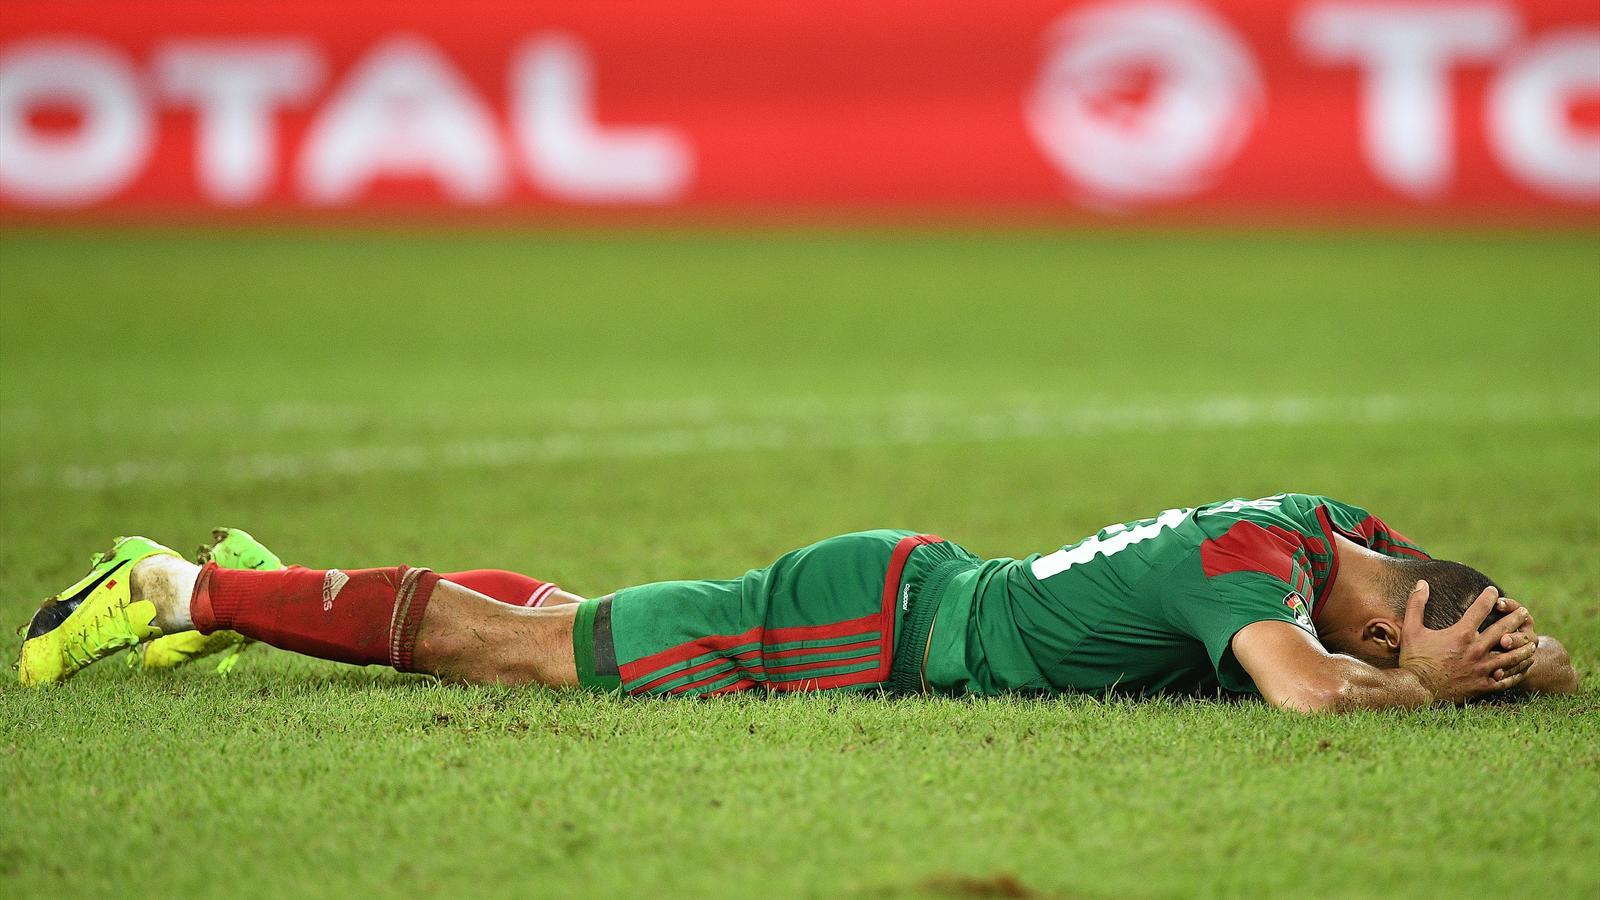 L 39 egypte limine le maroc 1 0 en quart de finale coupe d 39 afrique des nations 2017 football - Resultat foot coupe d afrique ...